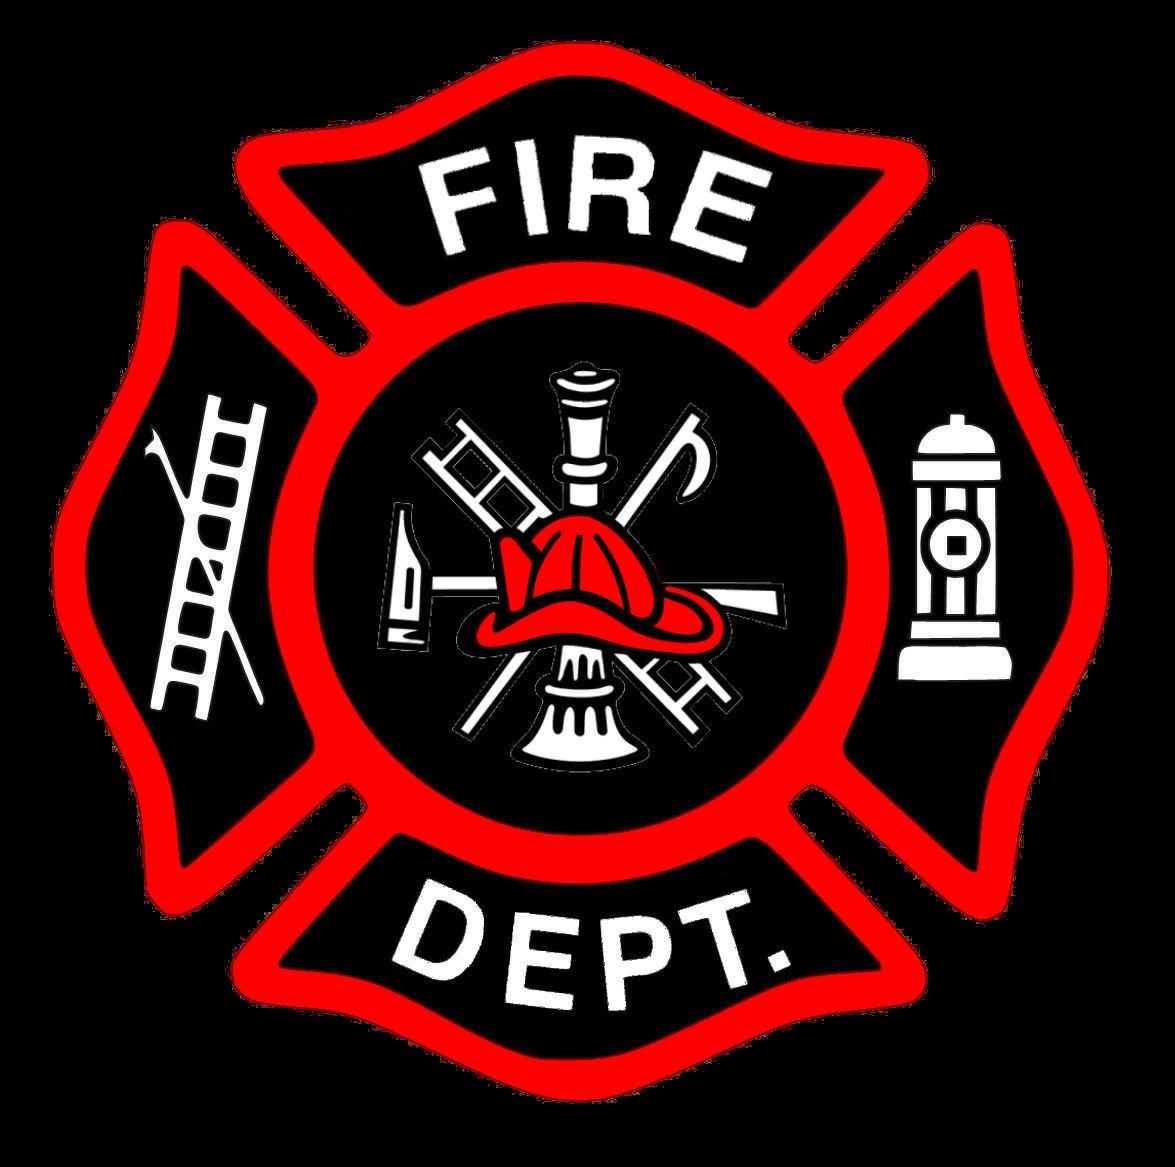 Fire Truck clipart badge #6